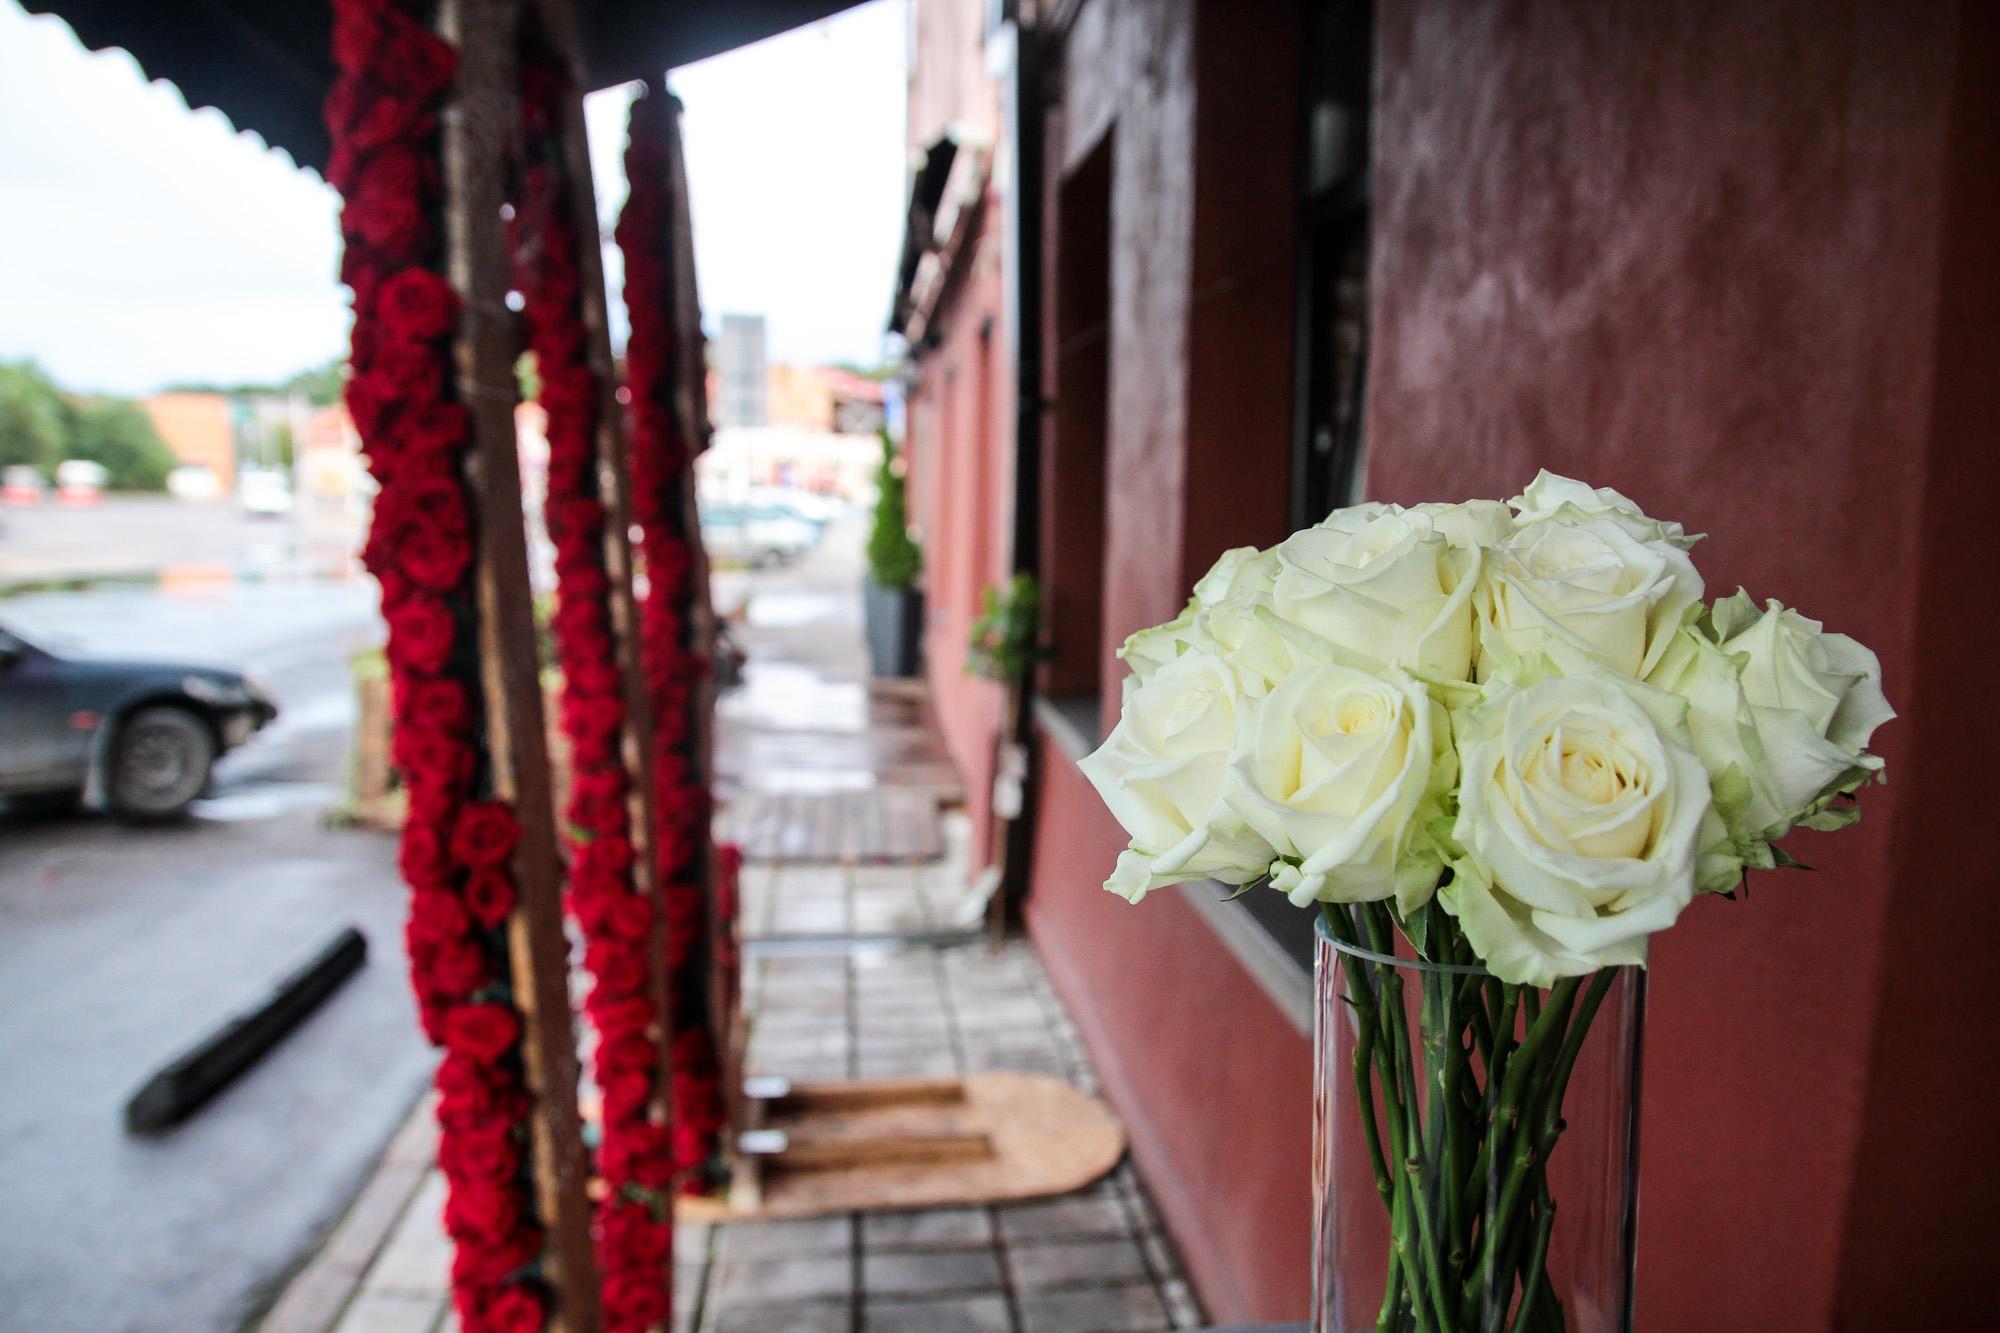 Rekordinė rožių puokštė